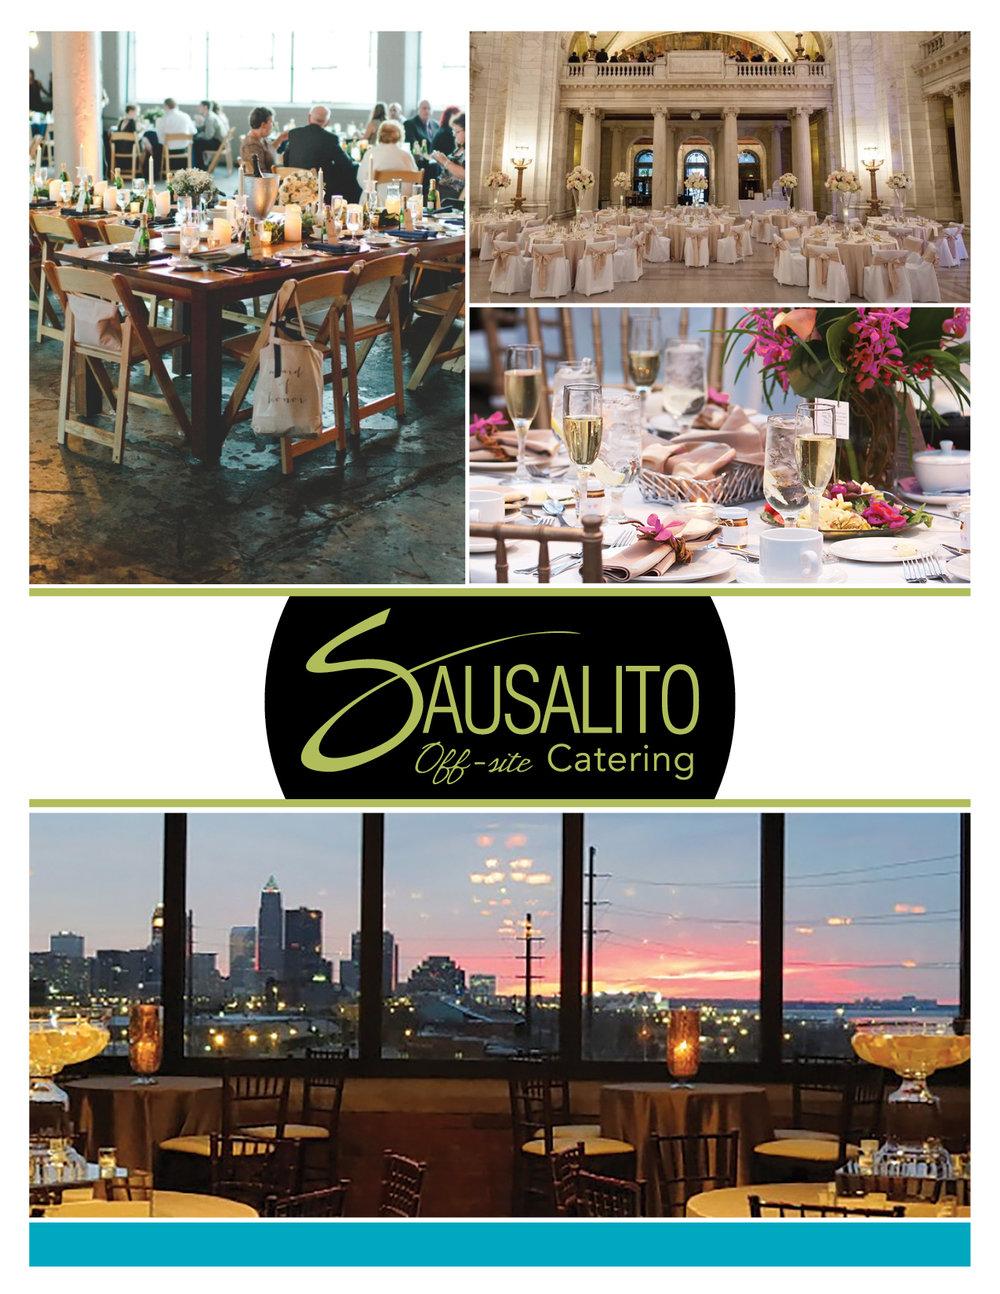 Sausalito_Catering_2017-update.jpg